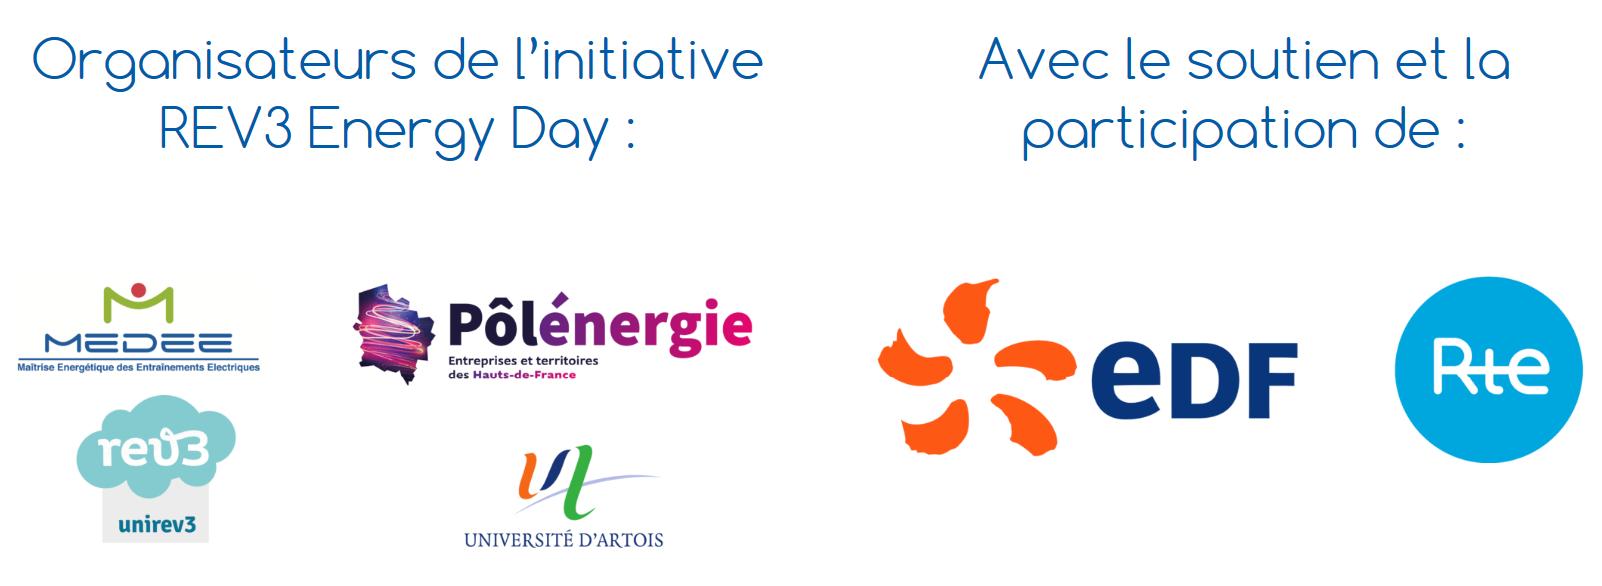 partenaires et organisateurs rev3 energy 19